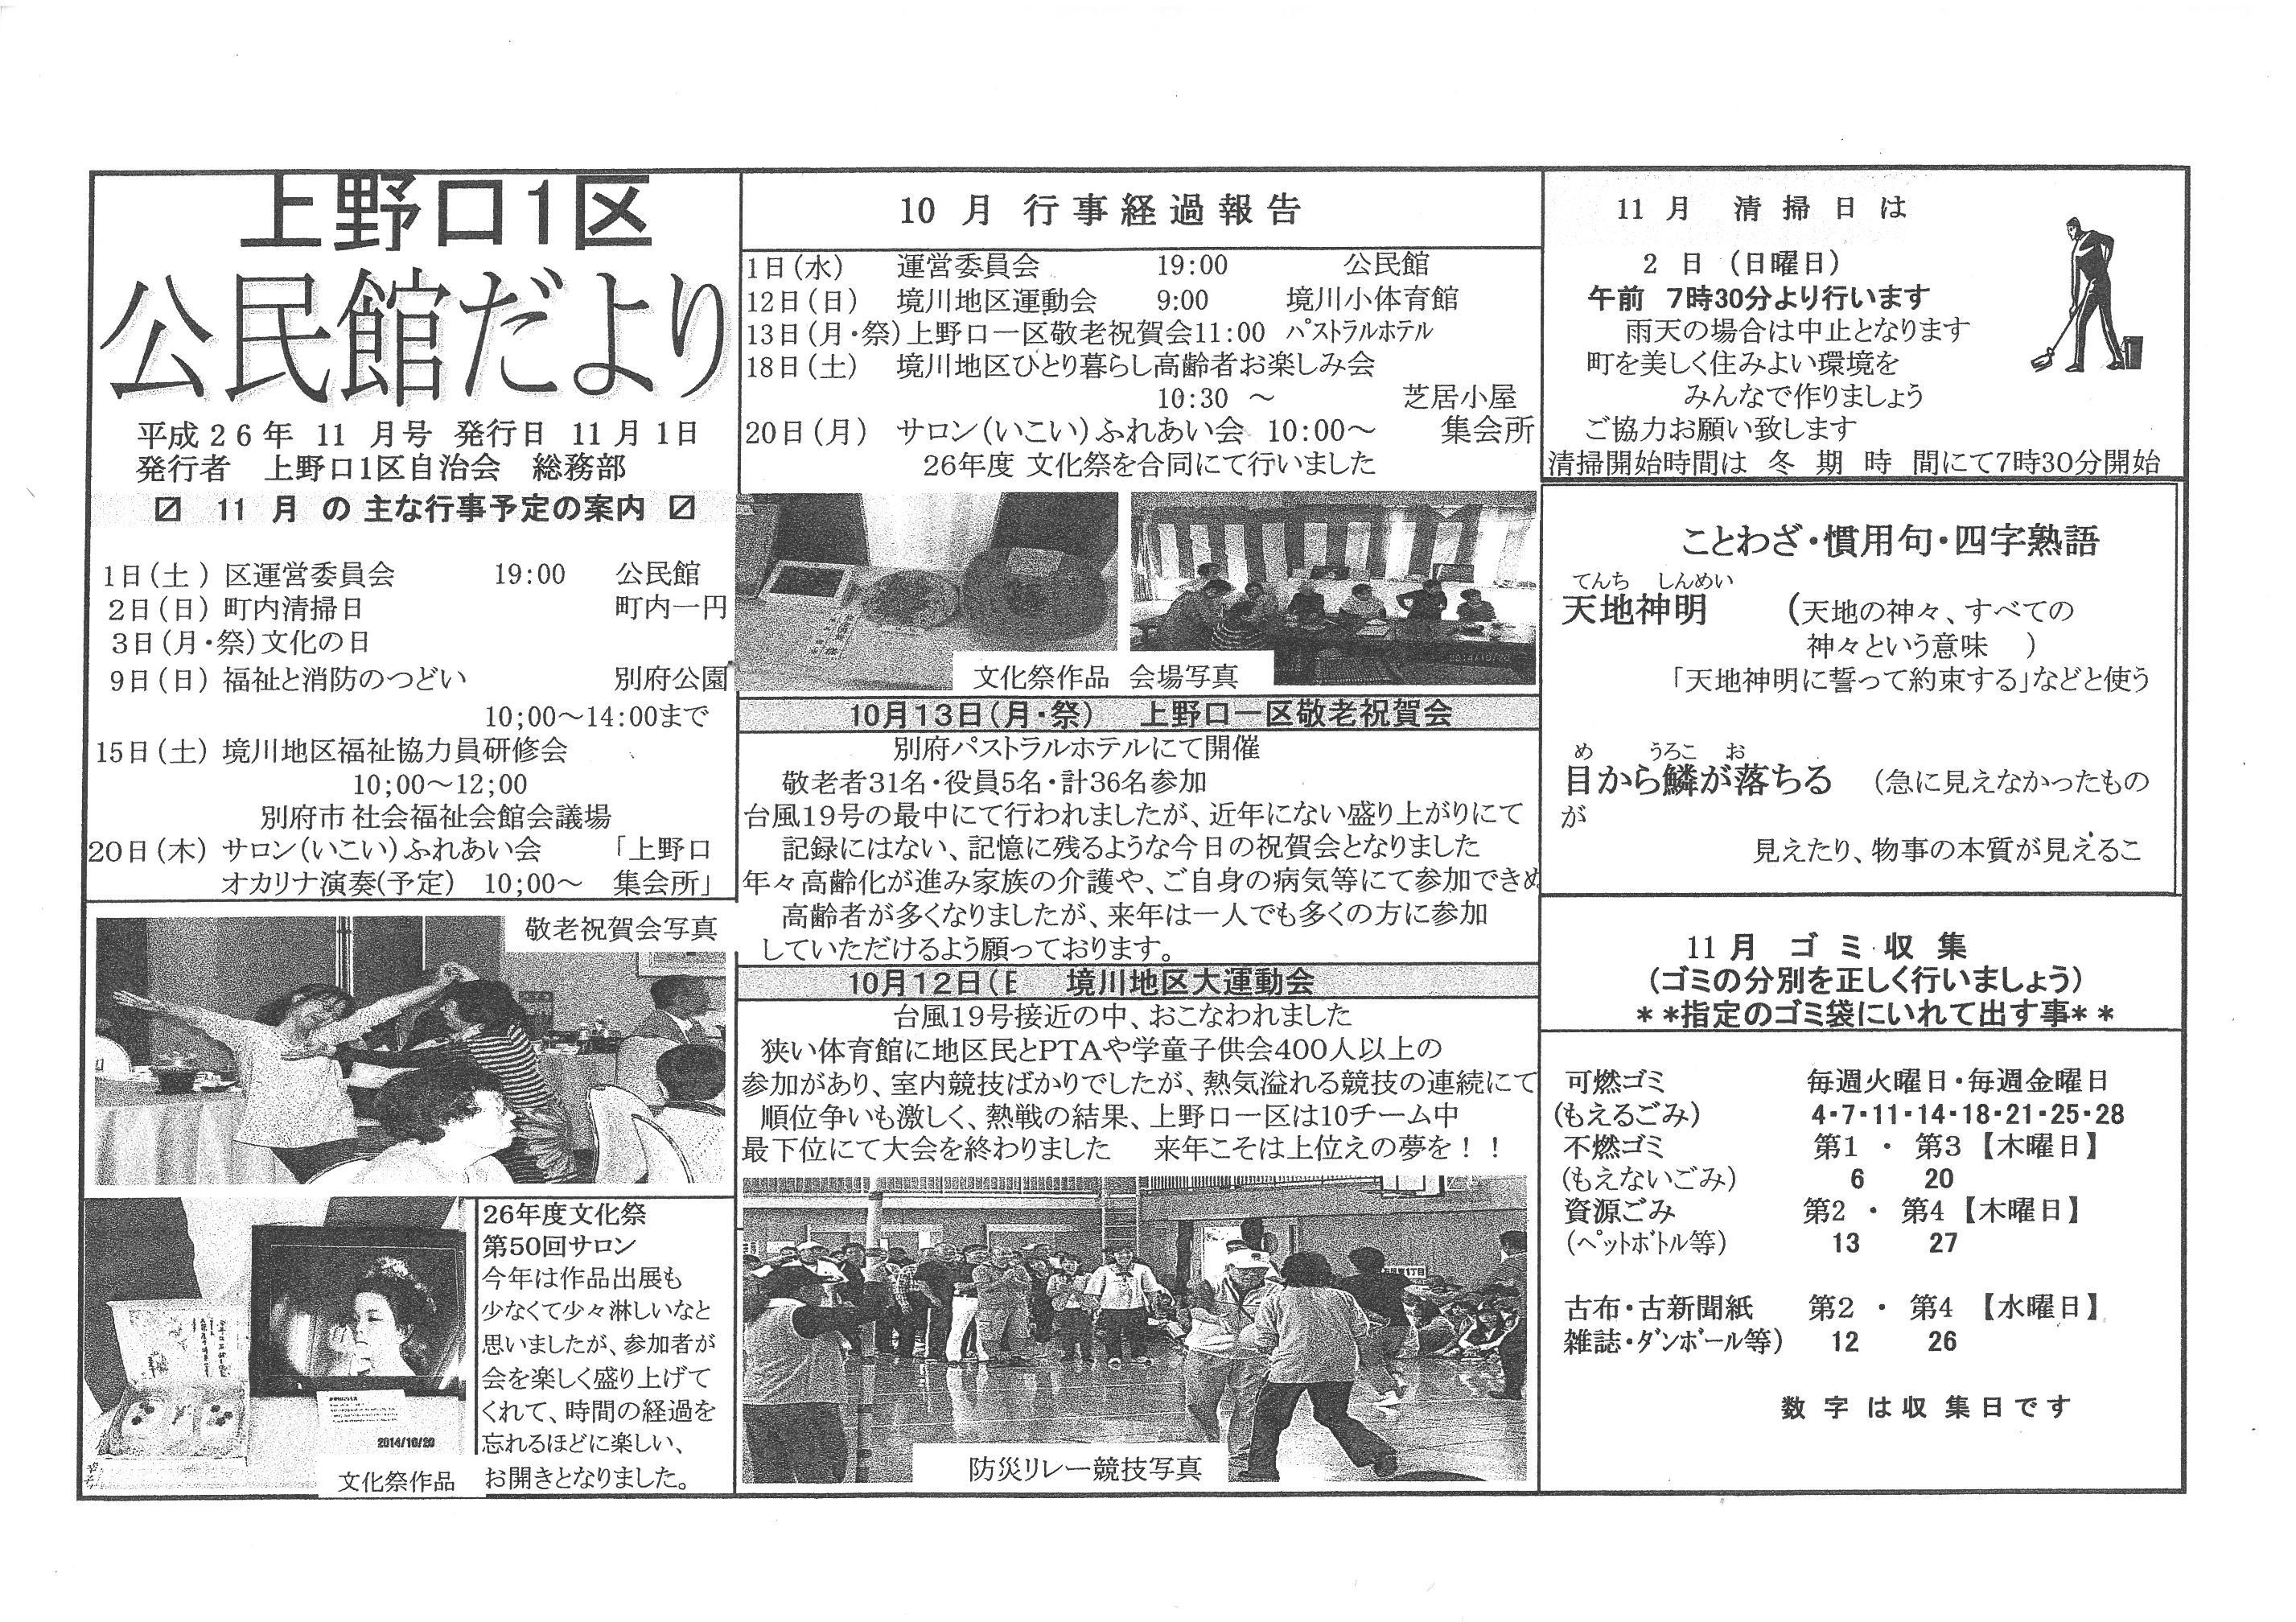 kaminoguchi1ku_2014_11